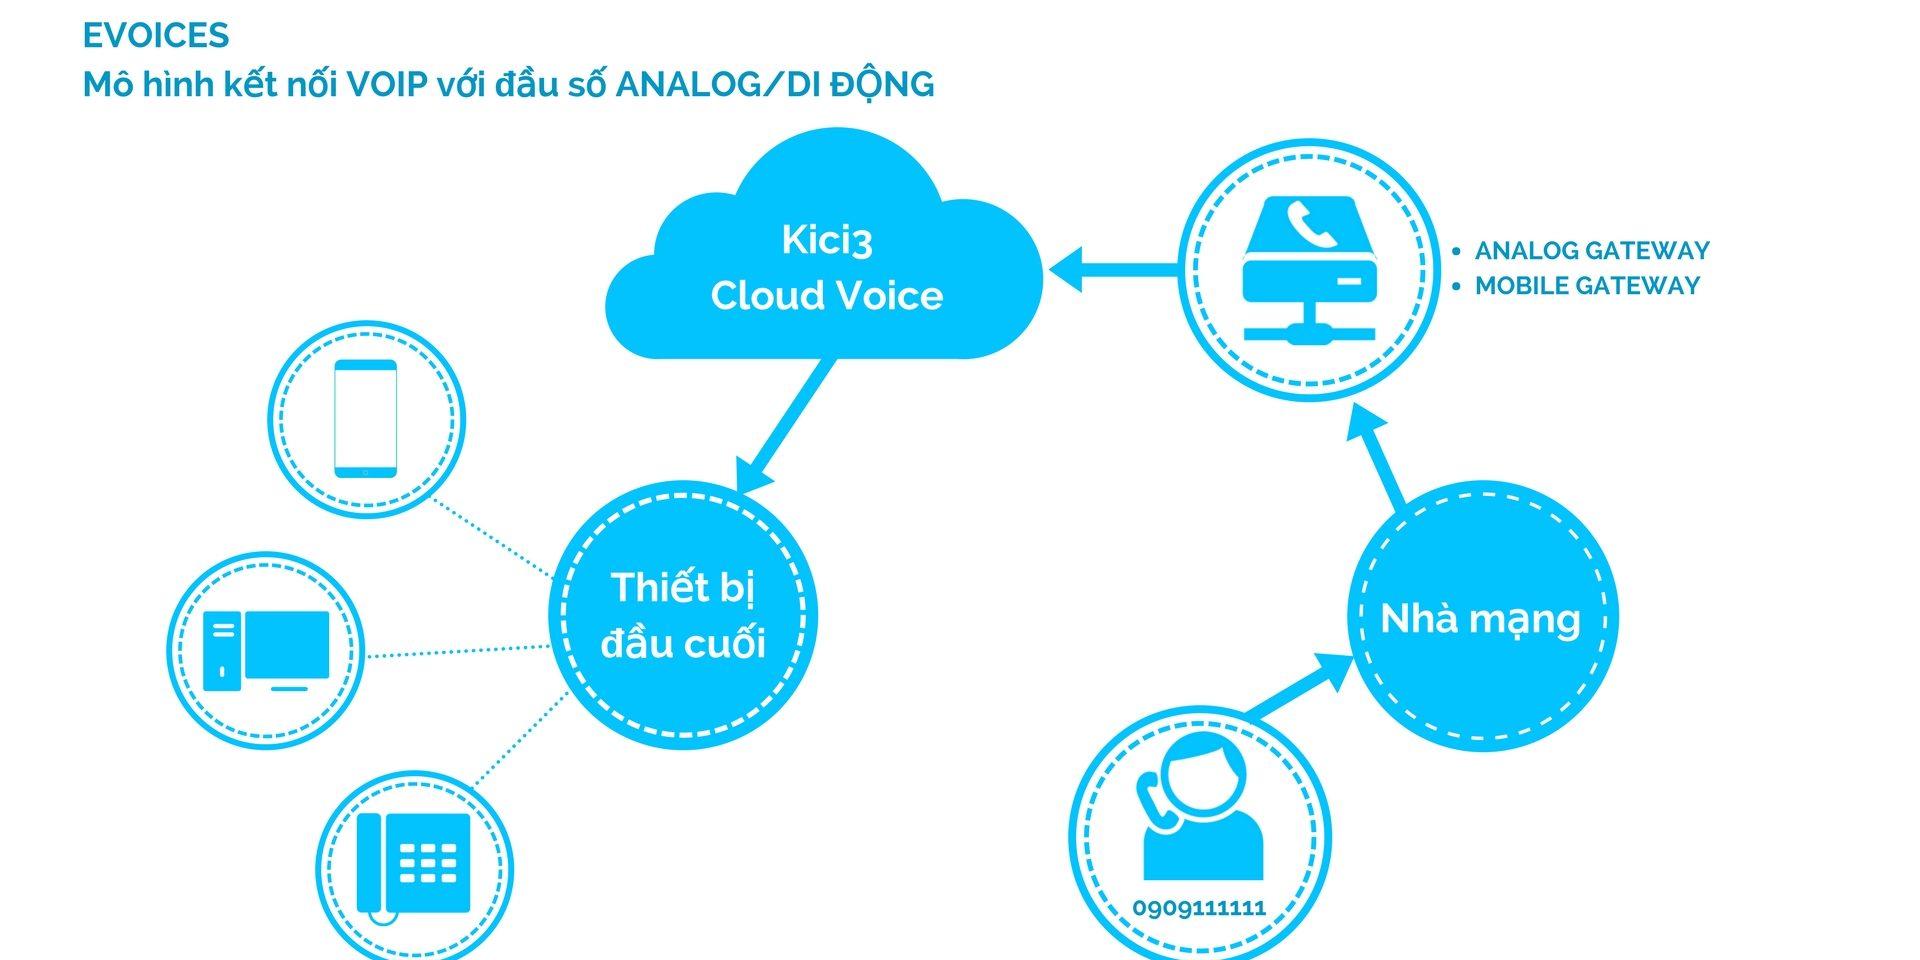 Hệ thống quản trị doanh nghiệp - Kici3 ERP